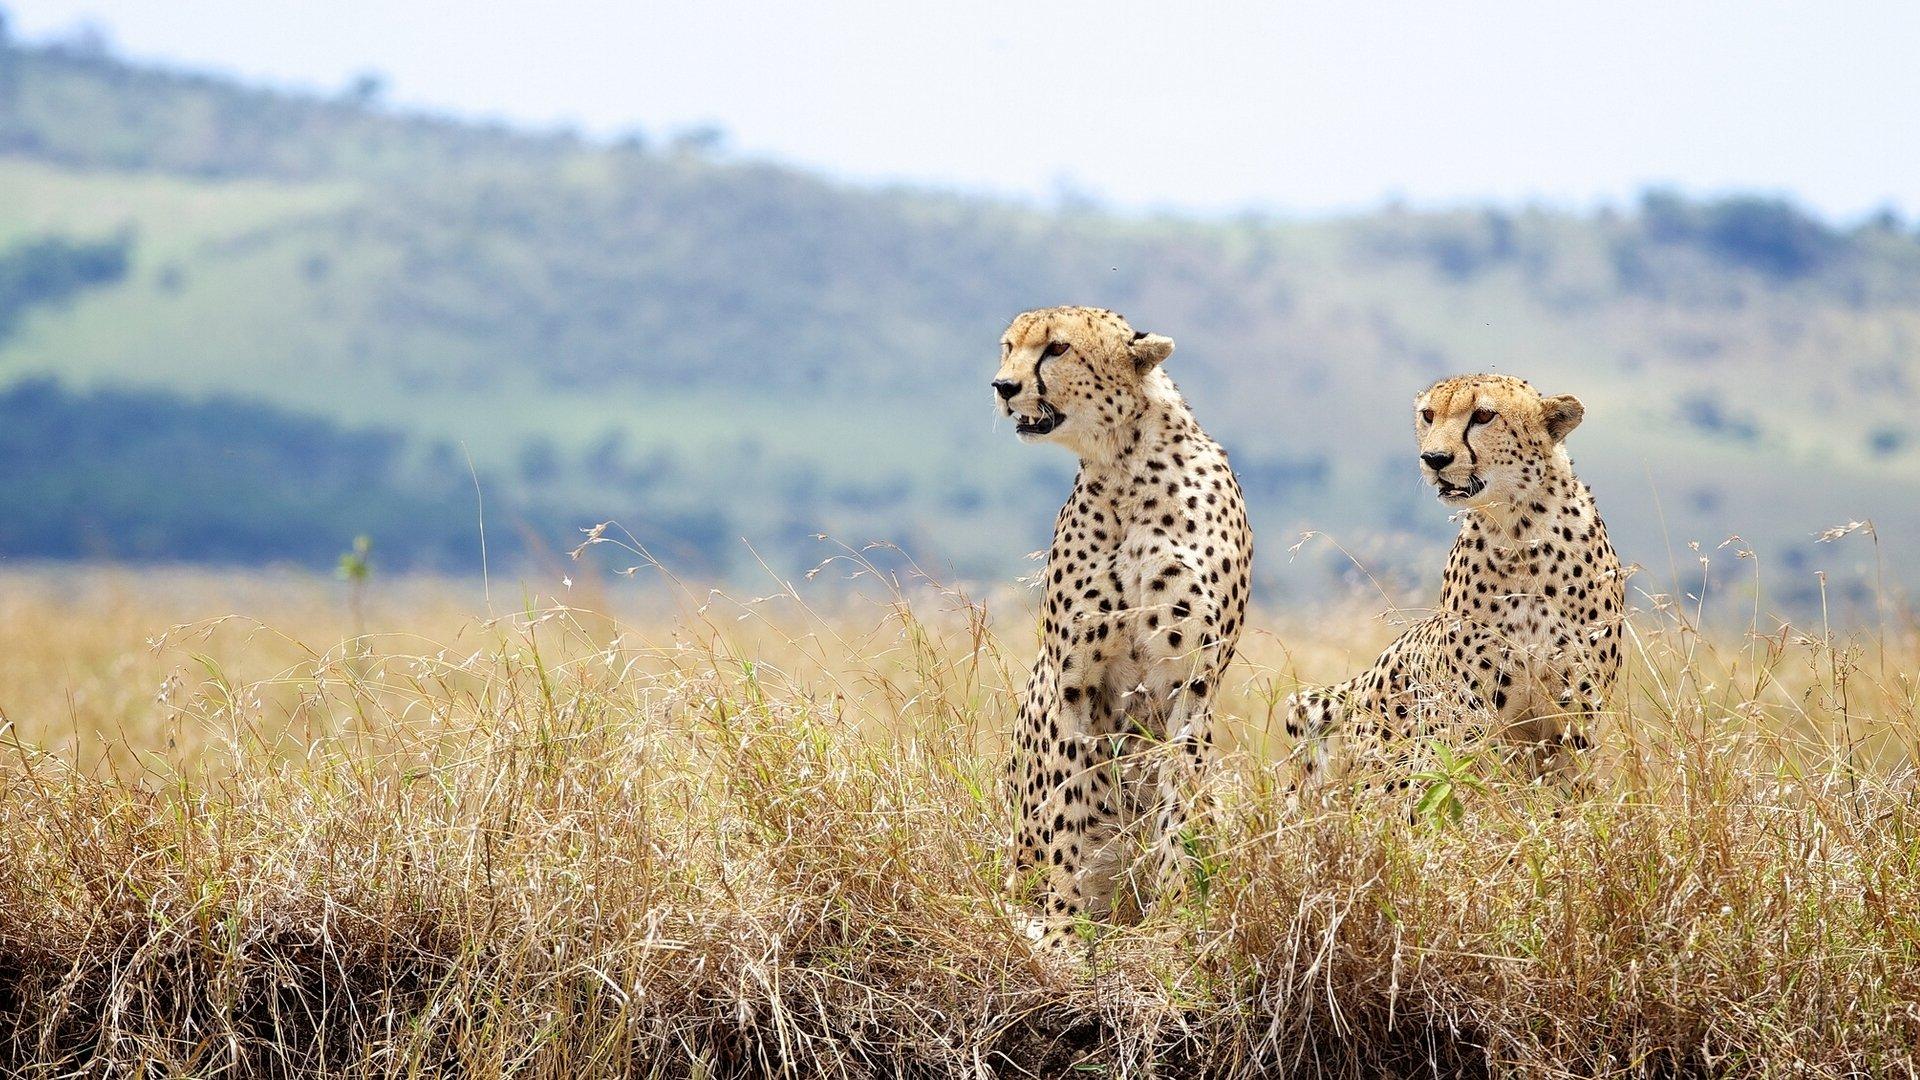 природа животные Гепарды камни трава дерево горизонт  № 276784 загрузить